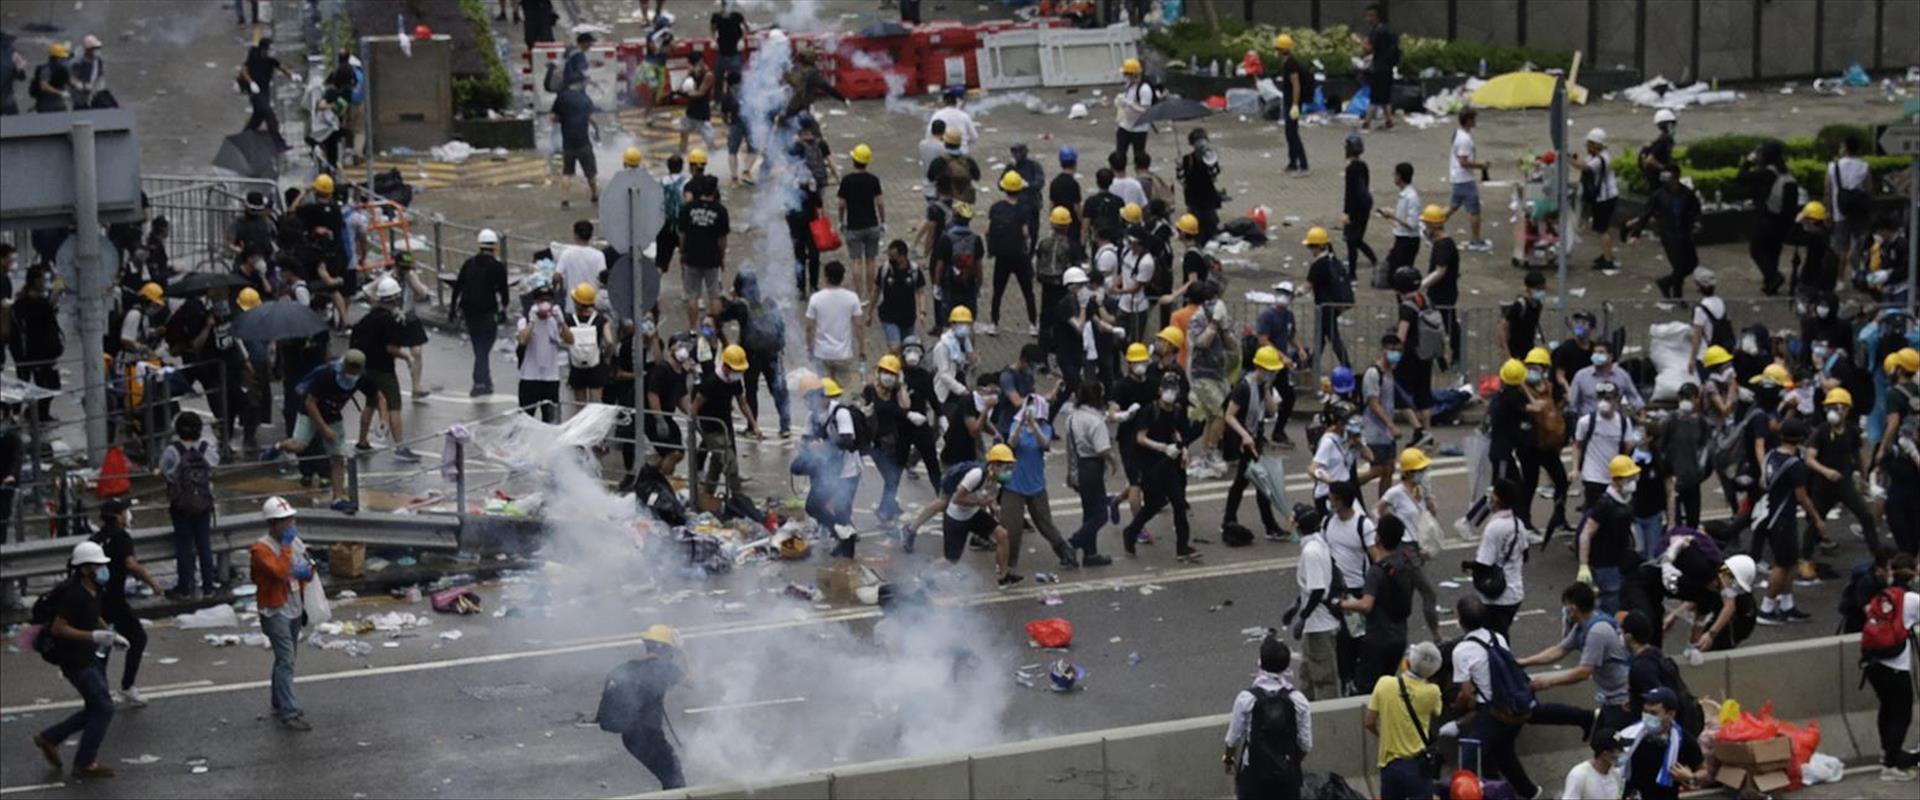 ההפגנות בהונג קונג נגד חוק ההסגרה לסין